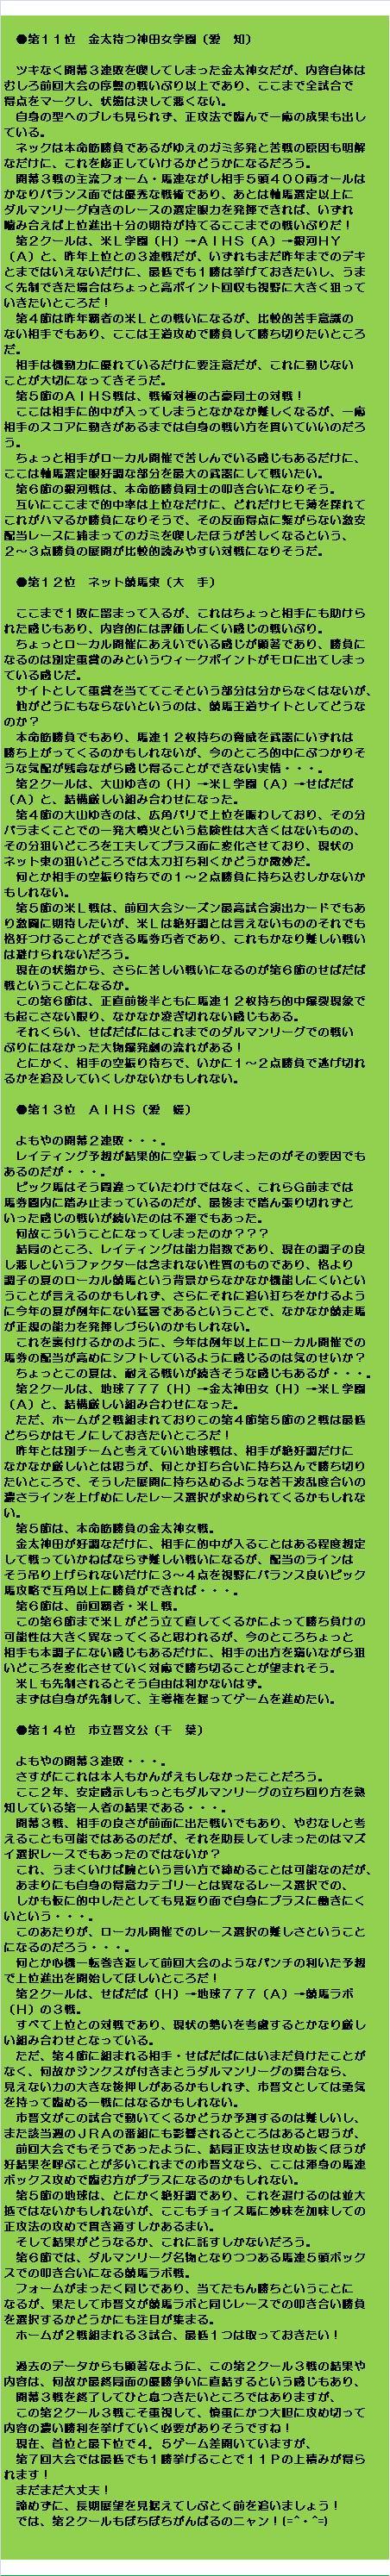 20150814・ダルマンリーグ第2クール展望③.jpg